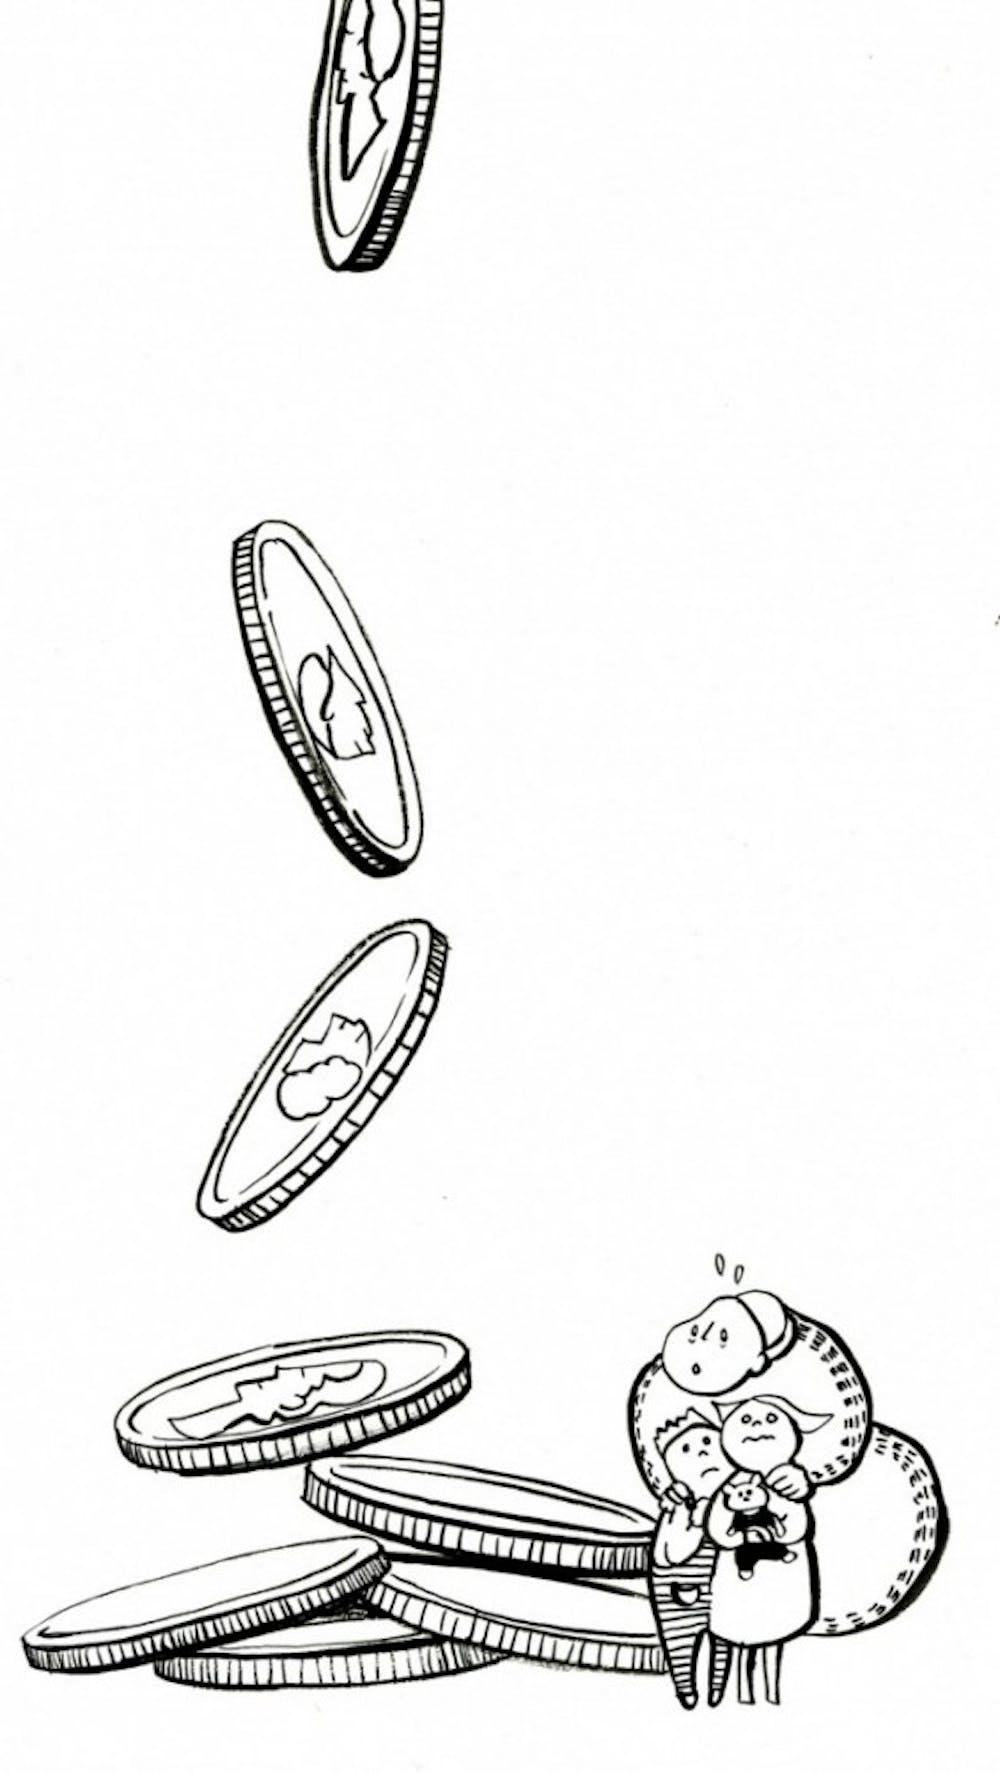 image54e4bfc05d6c3